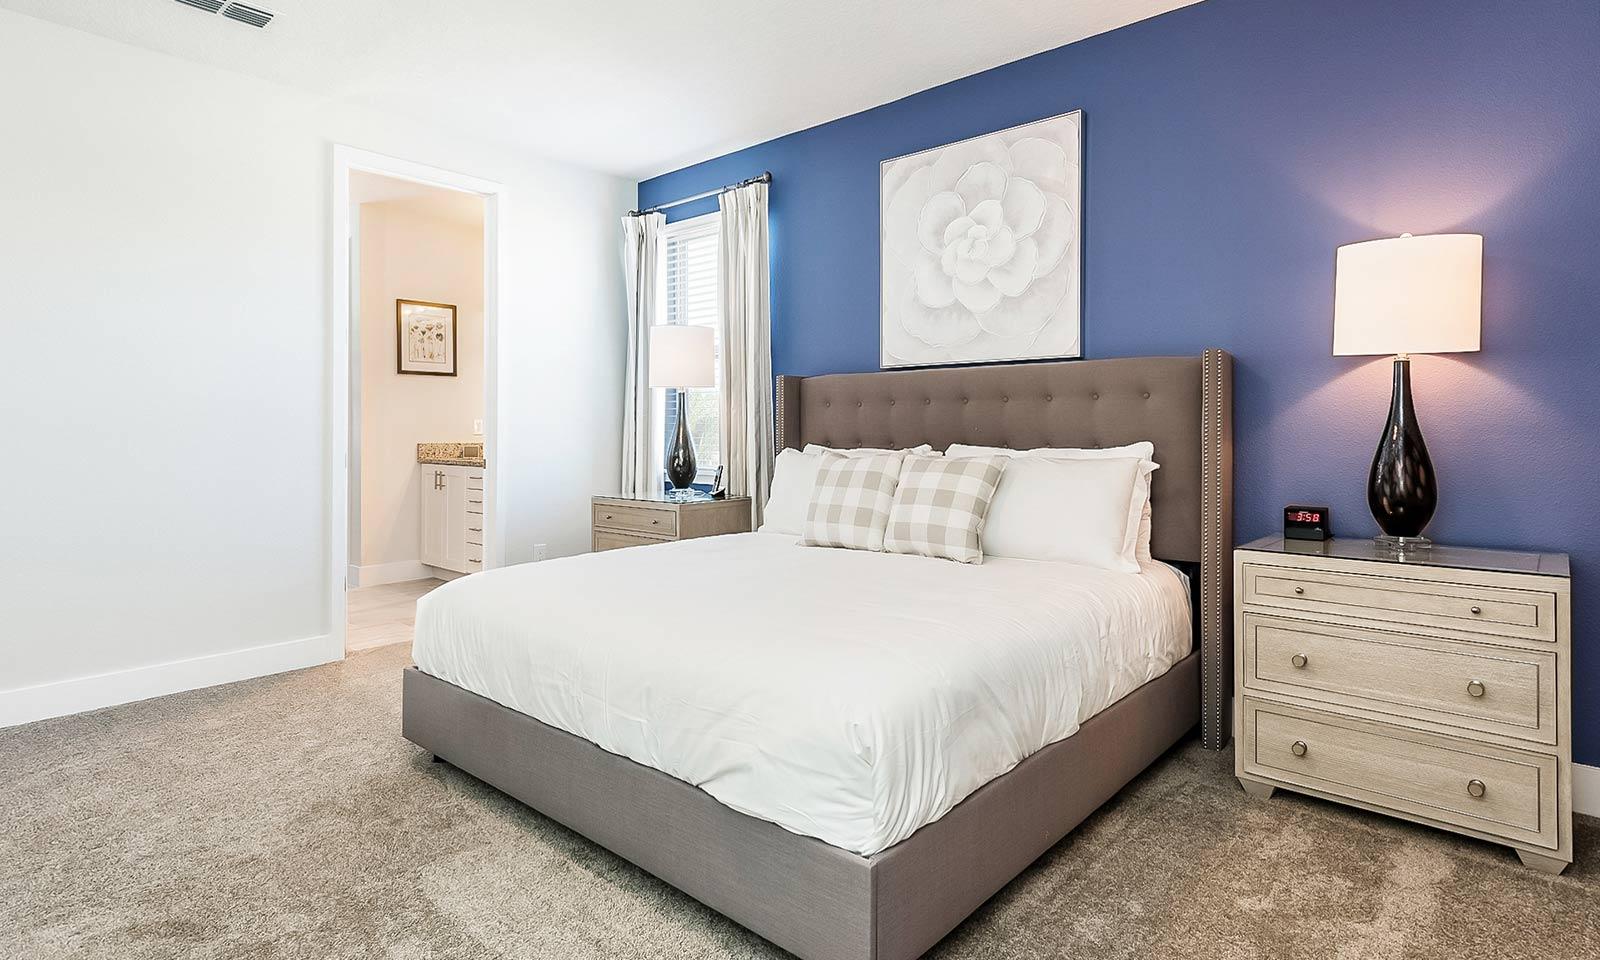 [amenities:master-bedroom:1] Master Bedroom